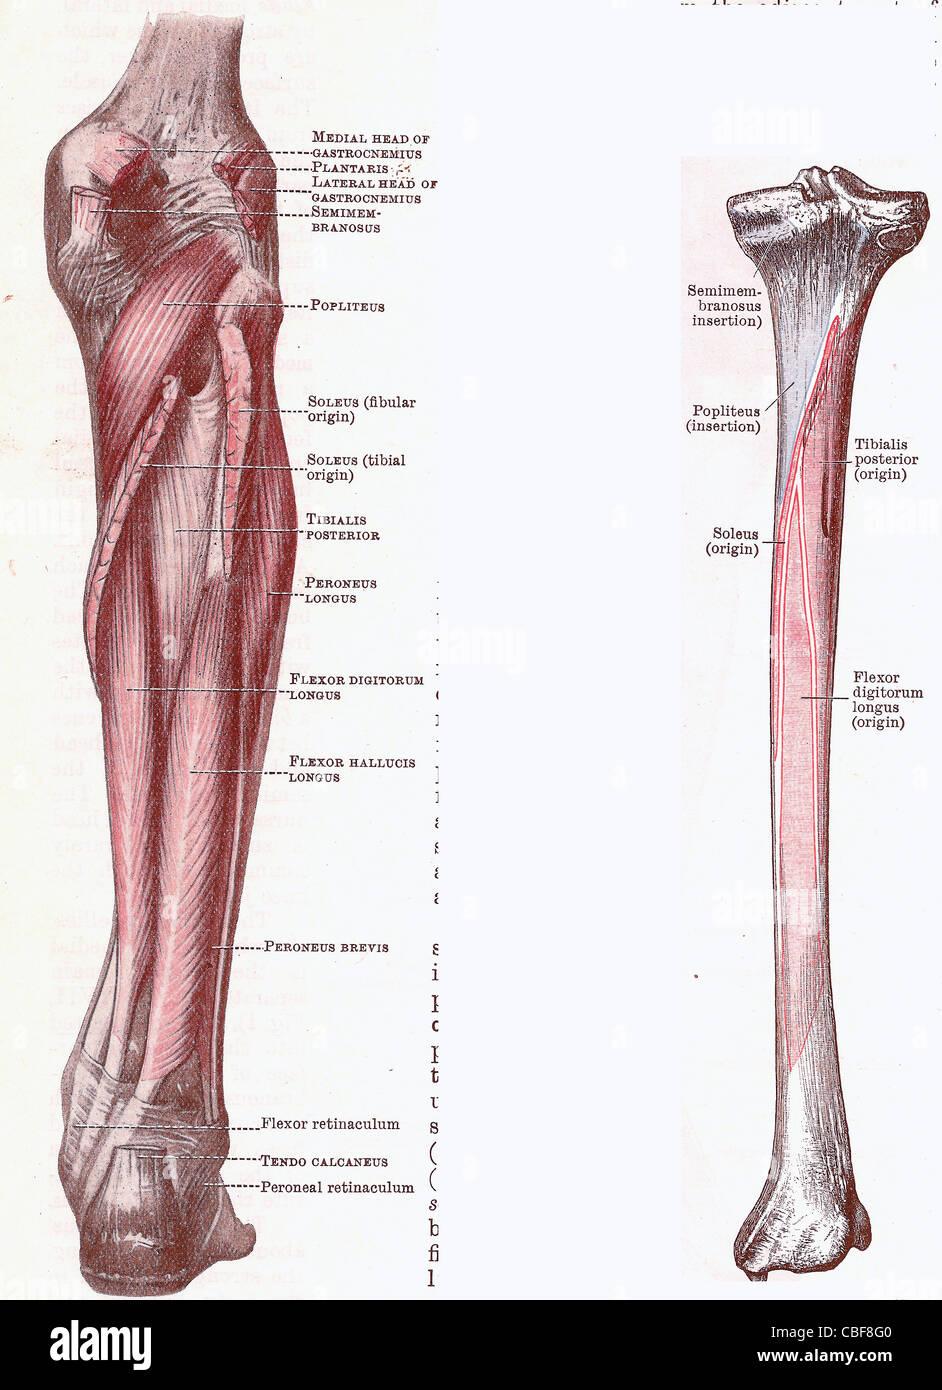 Ausgezeichnet Anatomie Des Hundes Bein Ideen - Menschliche Anatomie ...